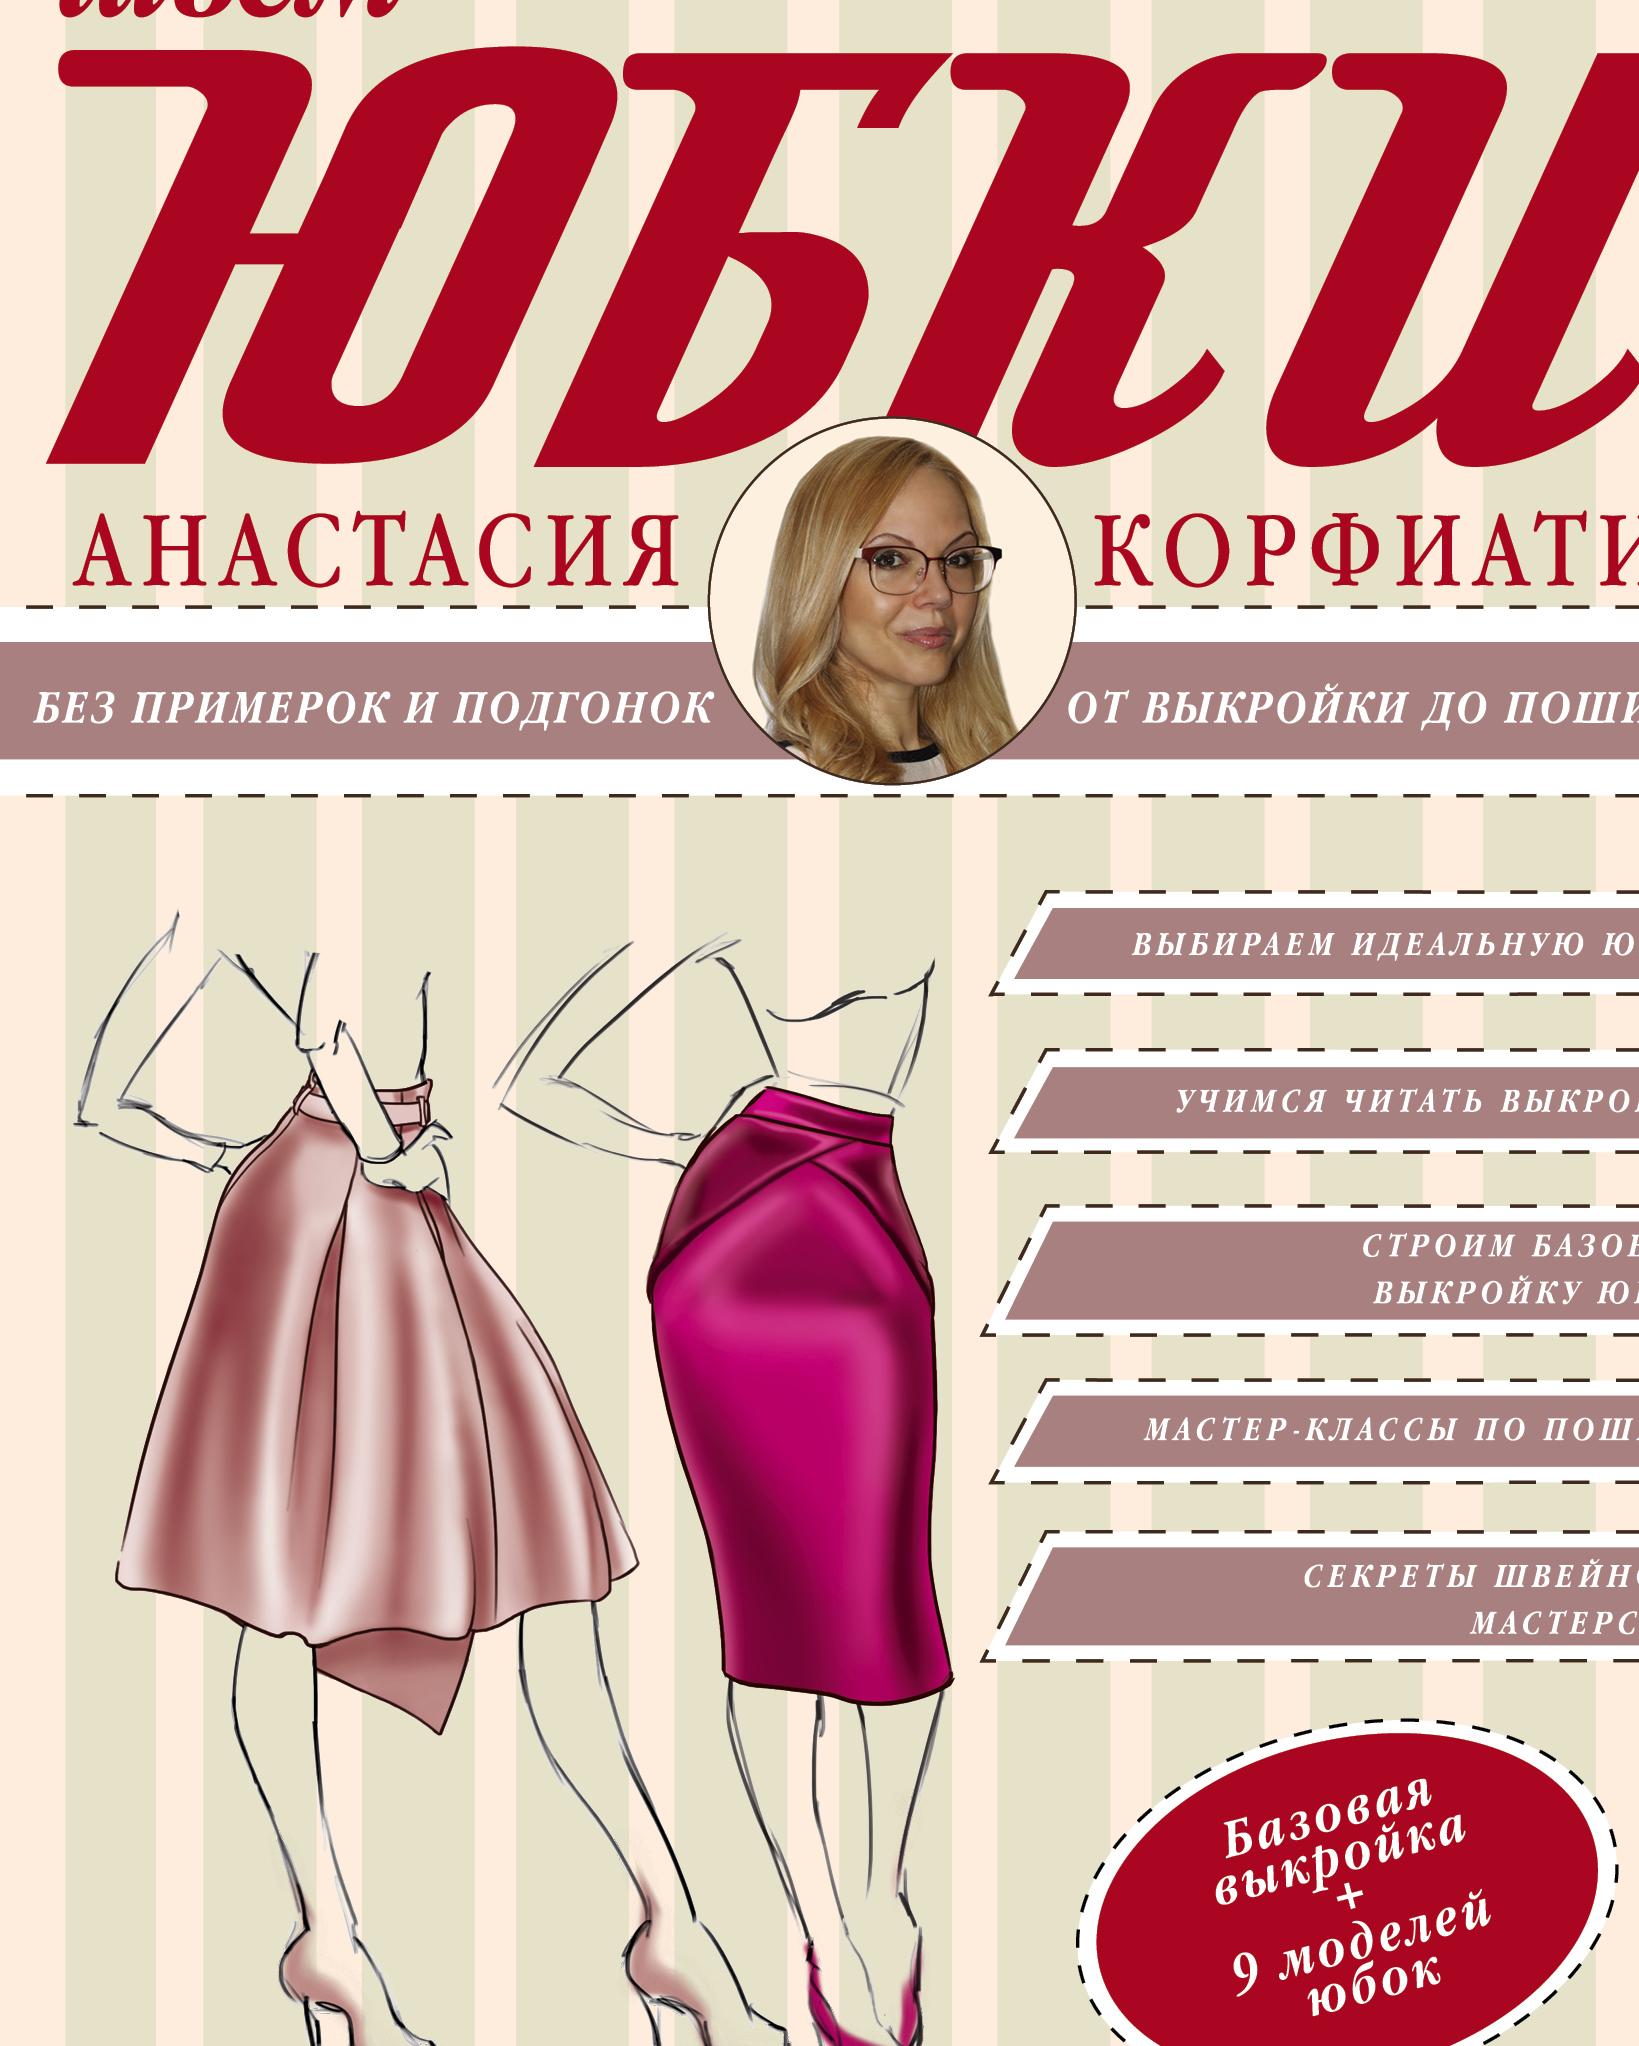 Шьем юбки без примерок и подгонок